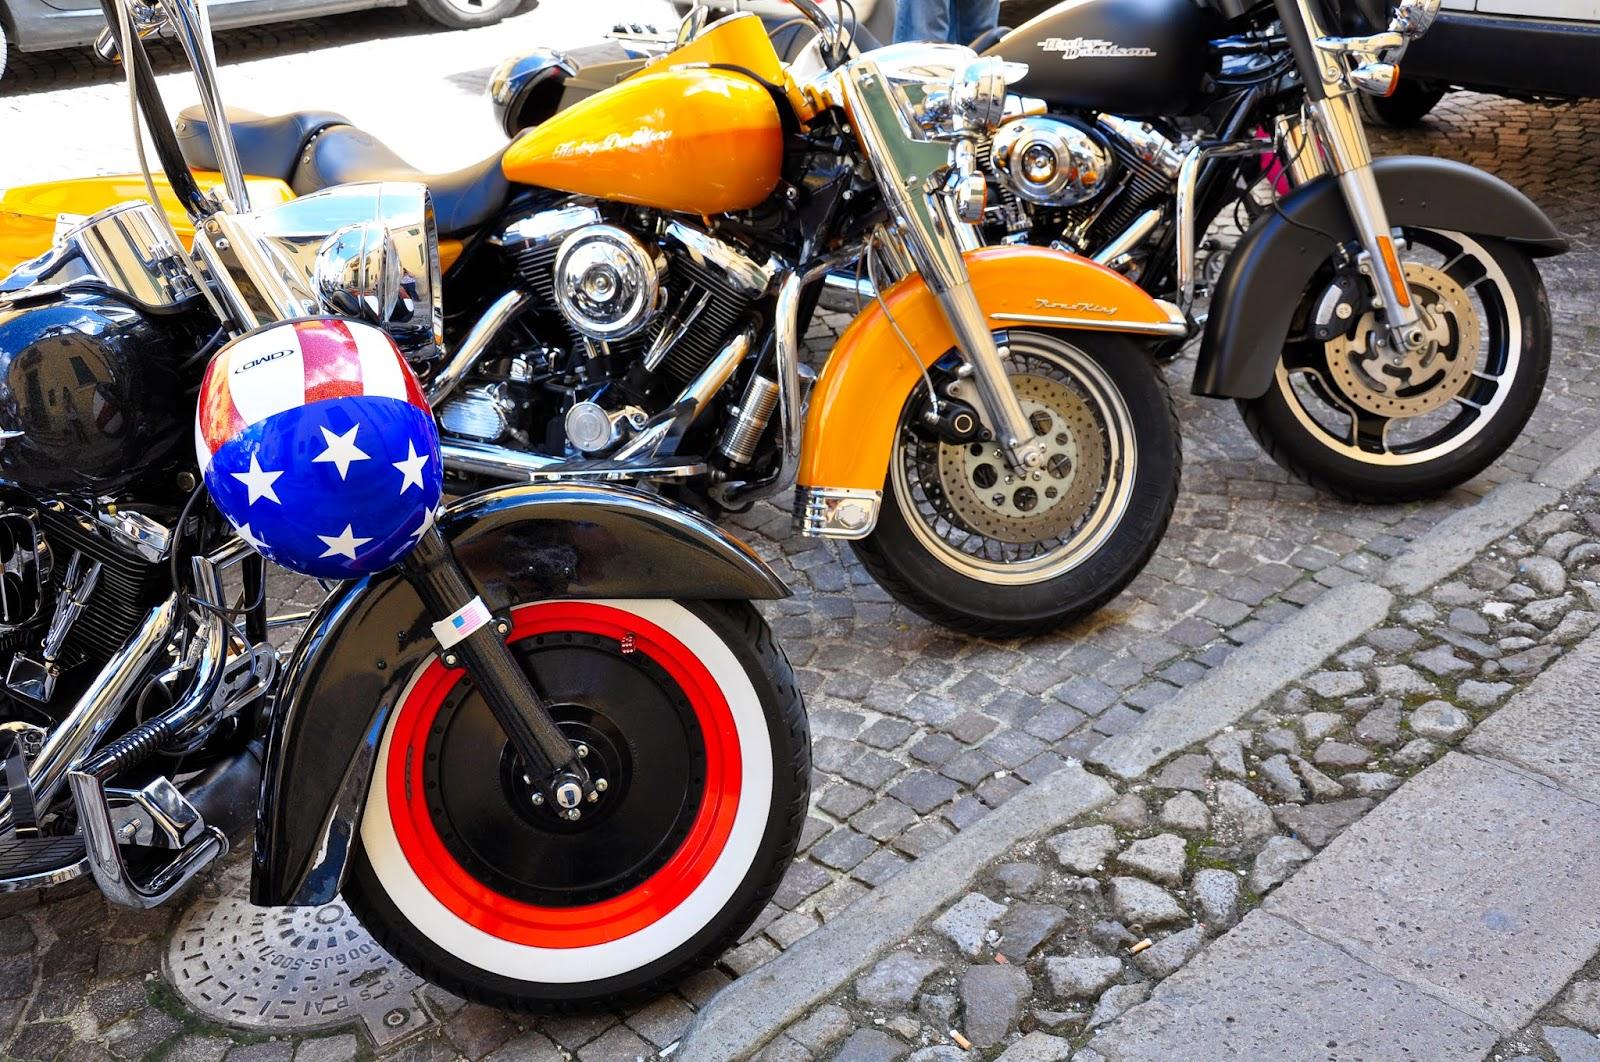 Motorcycles' front wheels in Montagnana, Veneto, Italy